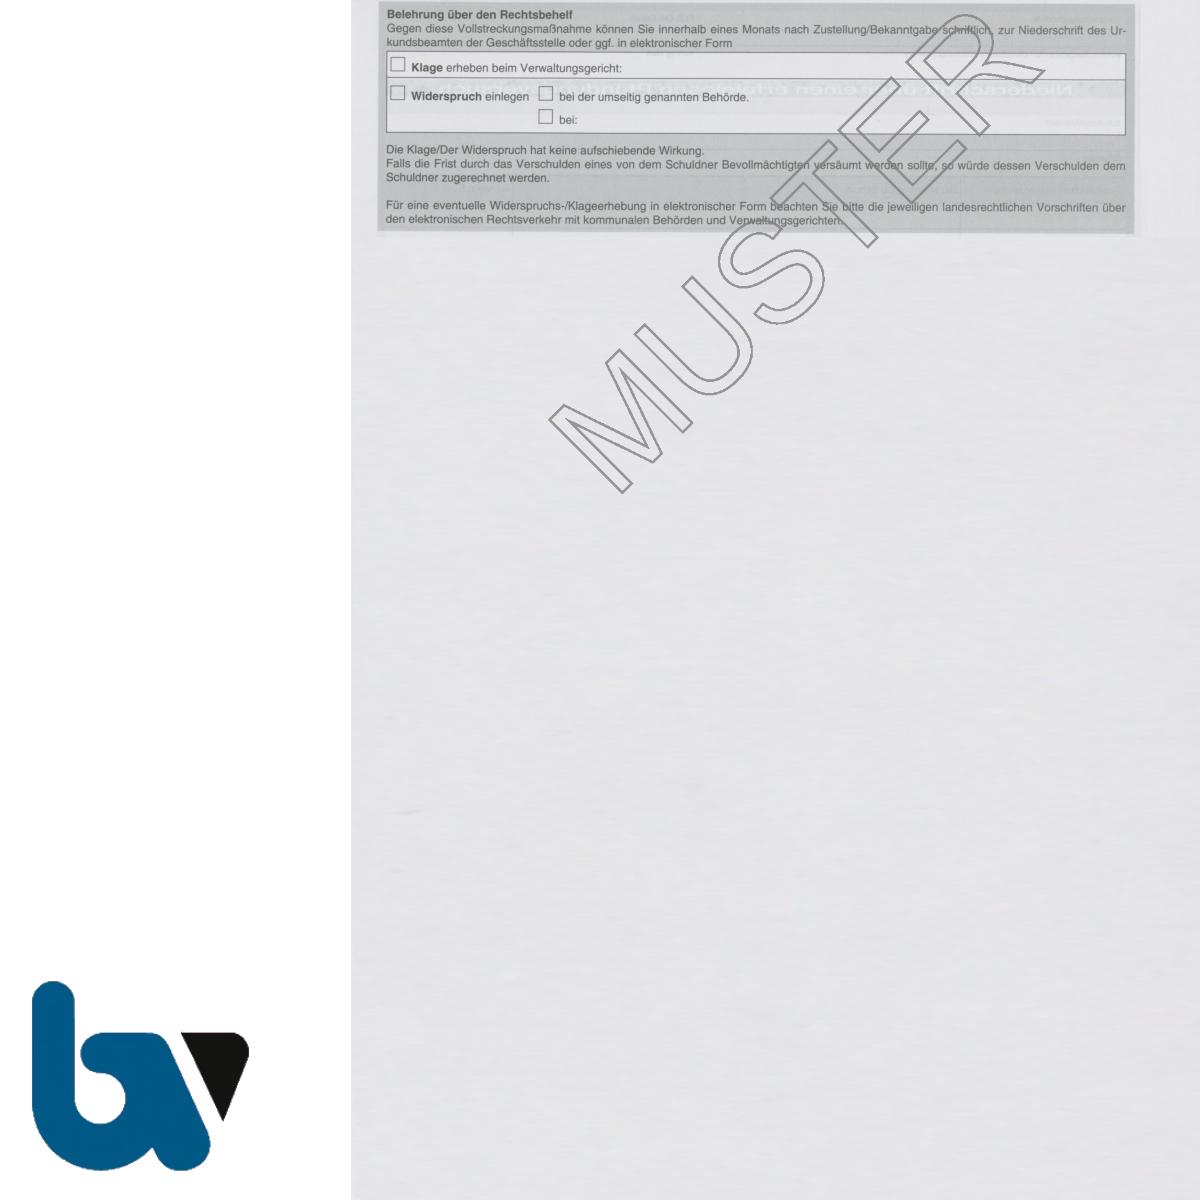 0/845-2 Niederschrift erfolglos fruchtlos Pfändung Versuch 3-fach selbstdurchschreibend DIN A4 Rückseite | Borgard Verlag GmbH